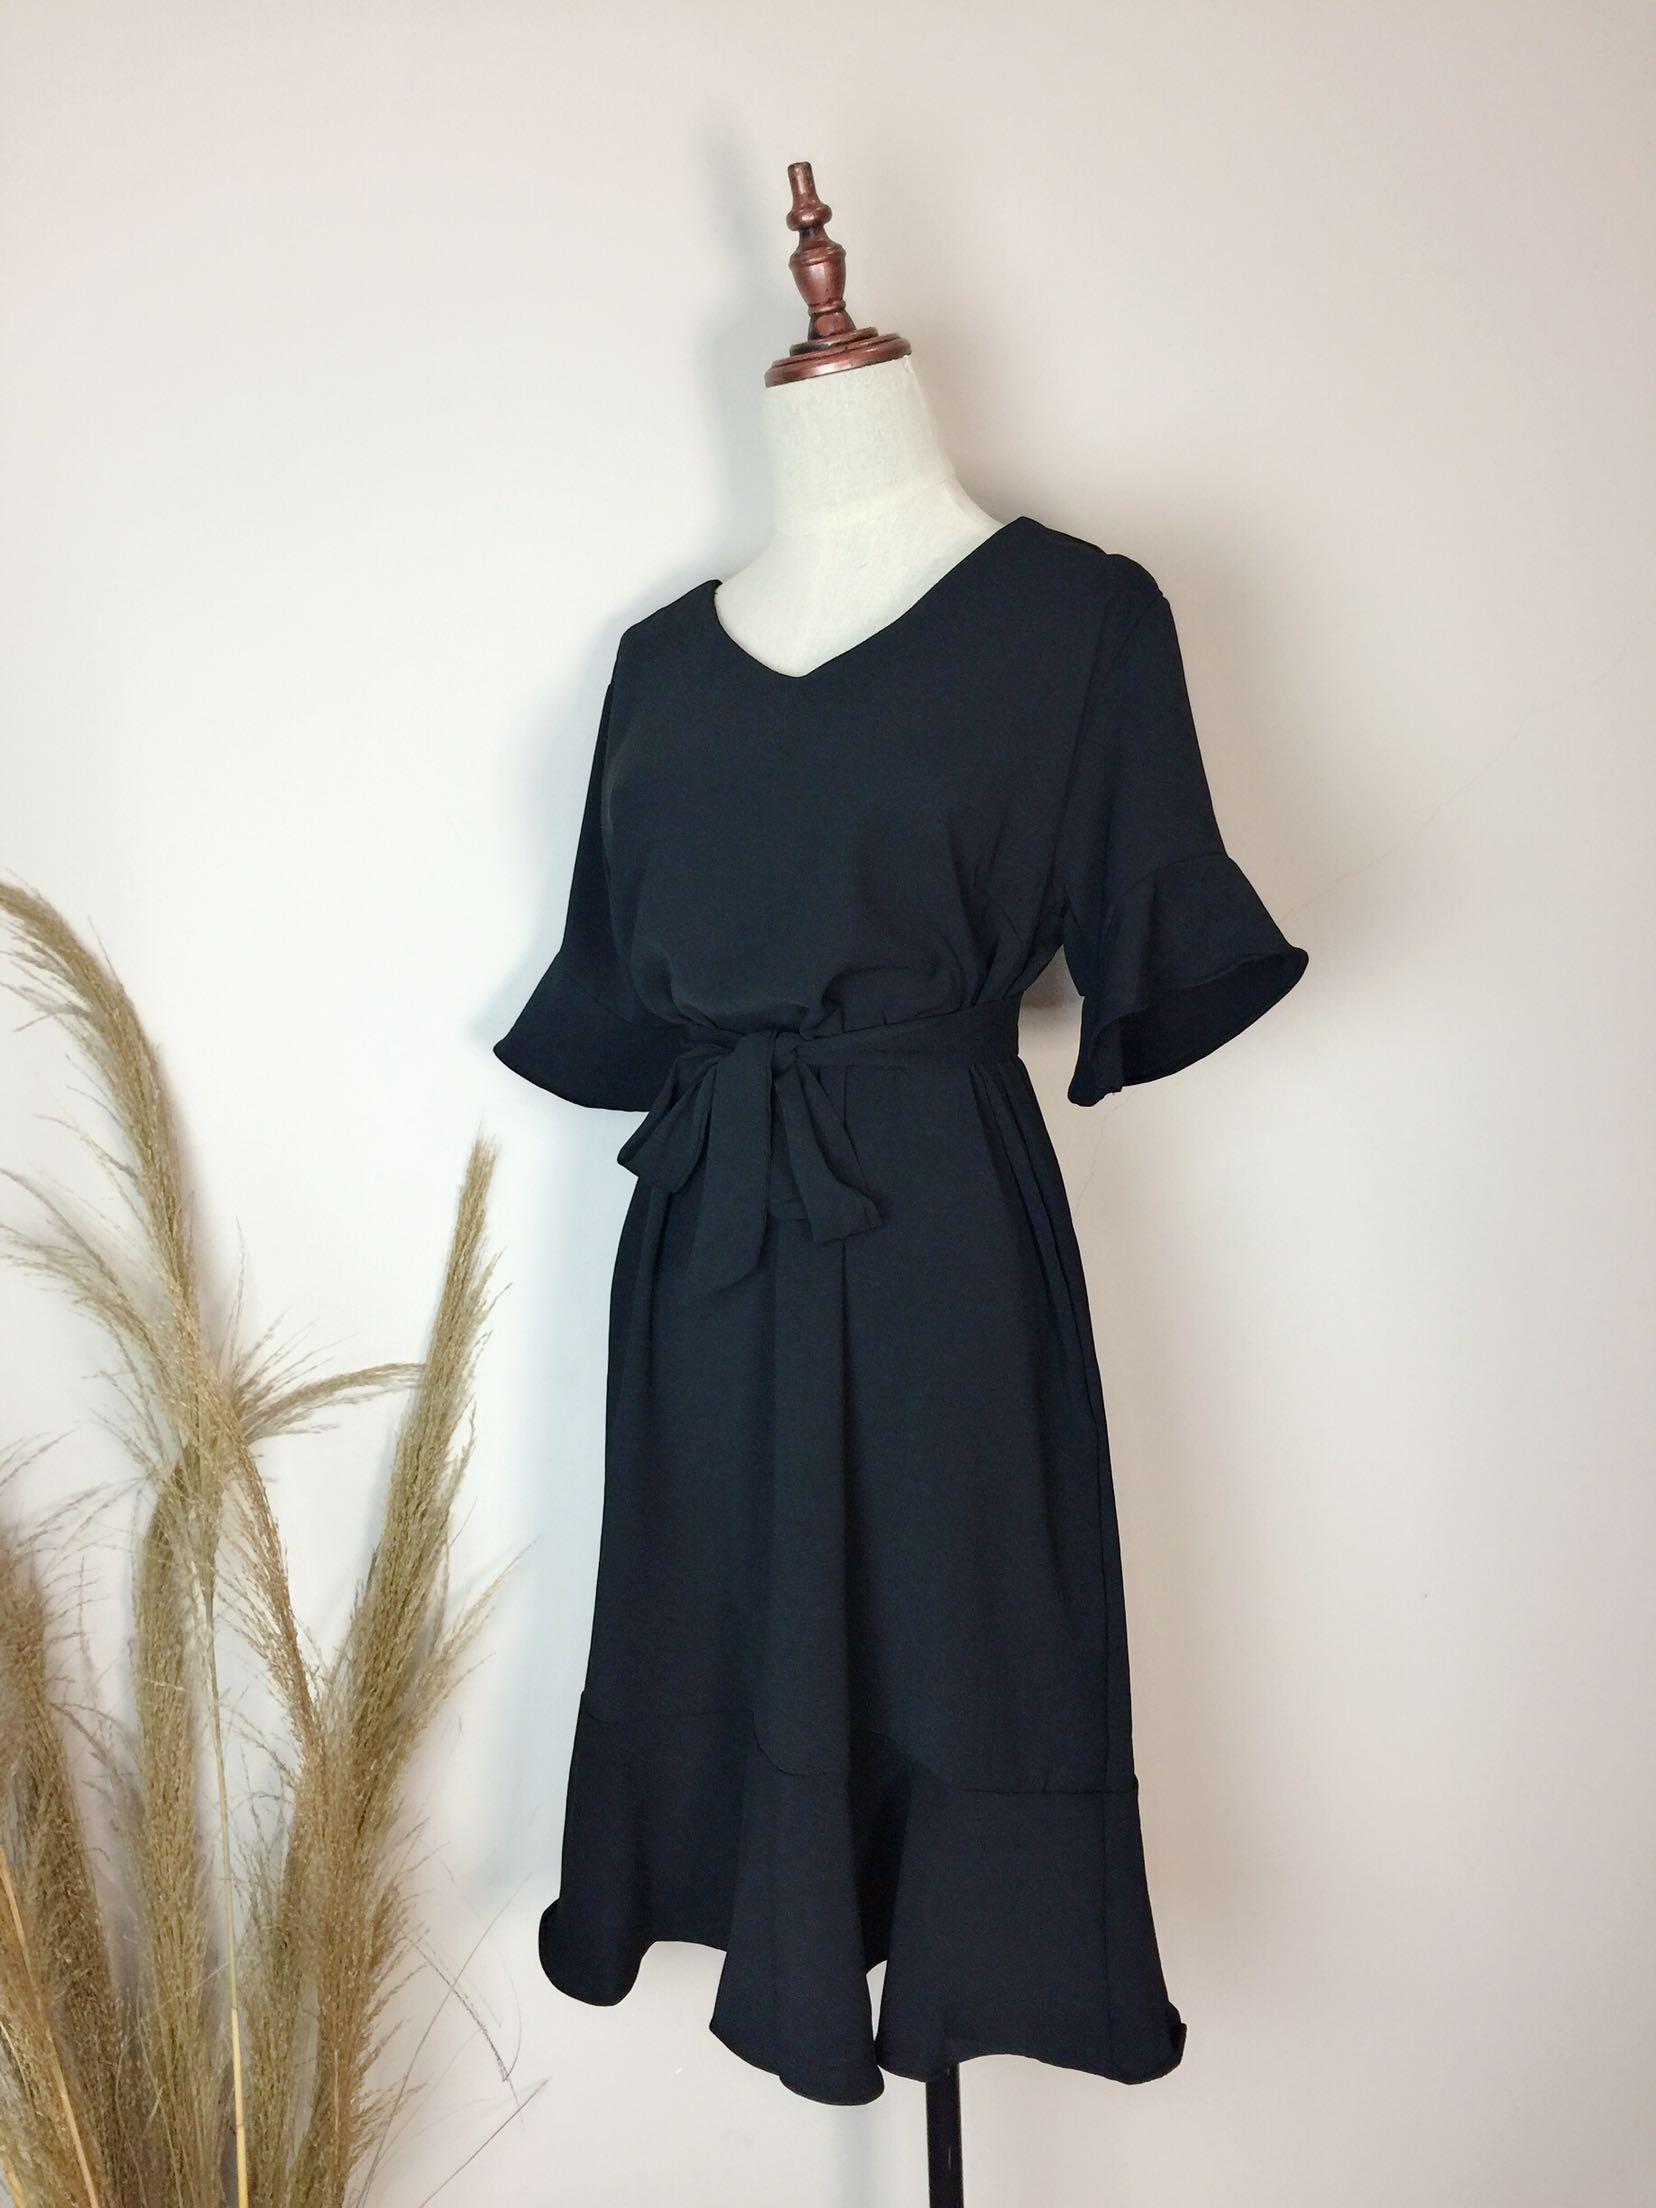 夏连衣裙女装中长款鱼尾裙休闲宽松短袖大码雪纺绵遮肚子显瘦长裙